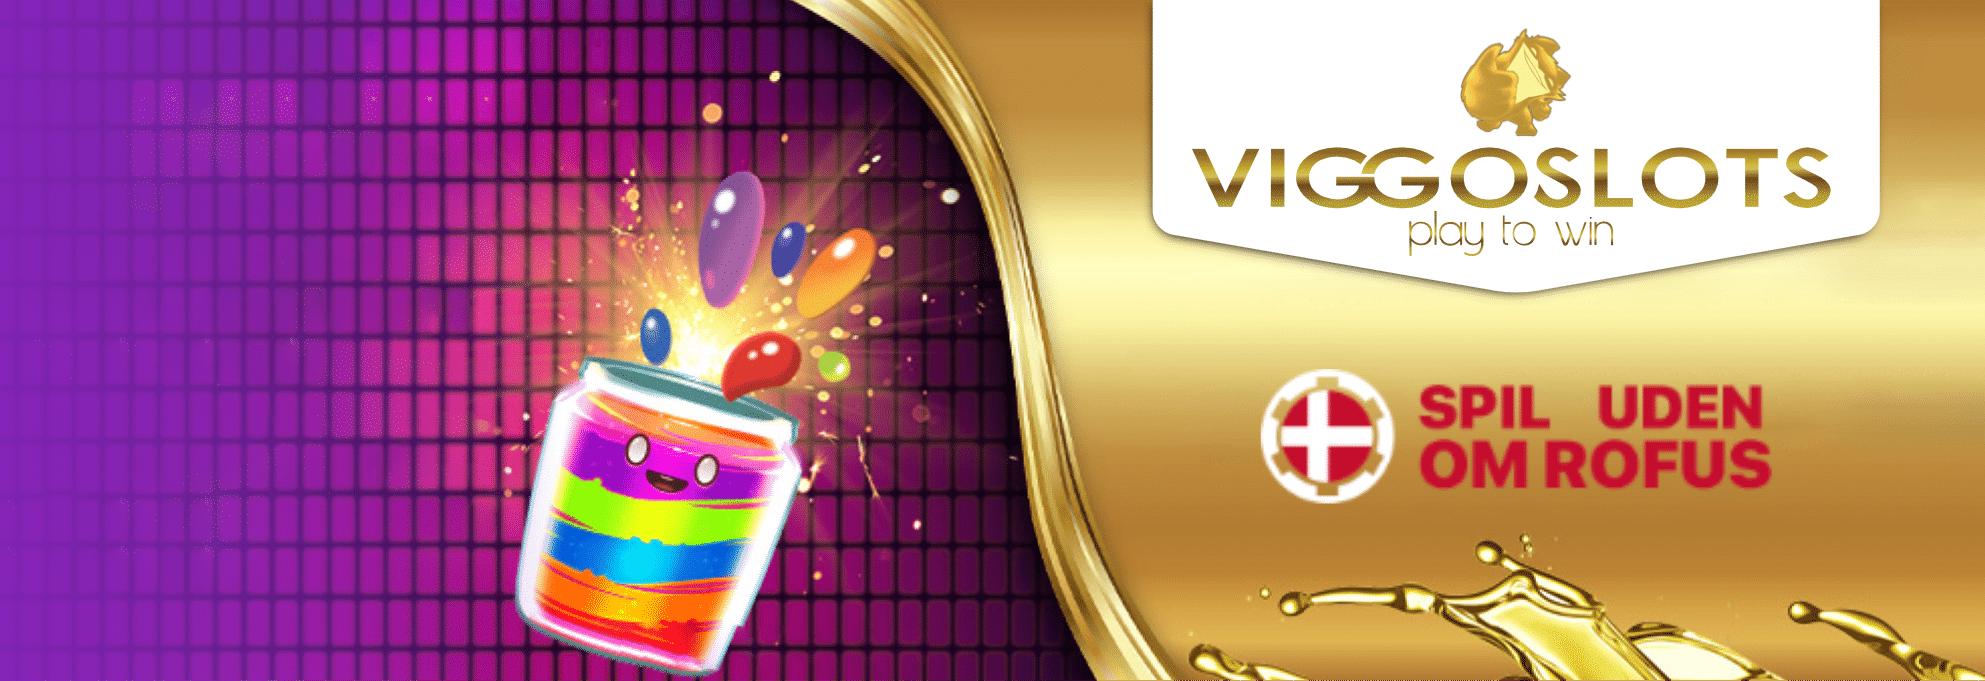 viggoslots casino recension spiludenomrofus